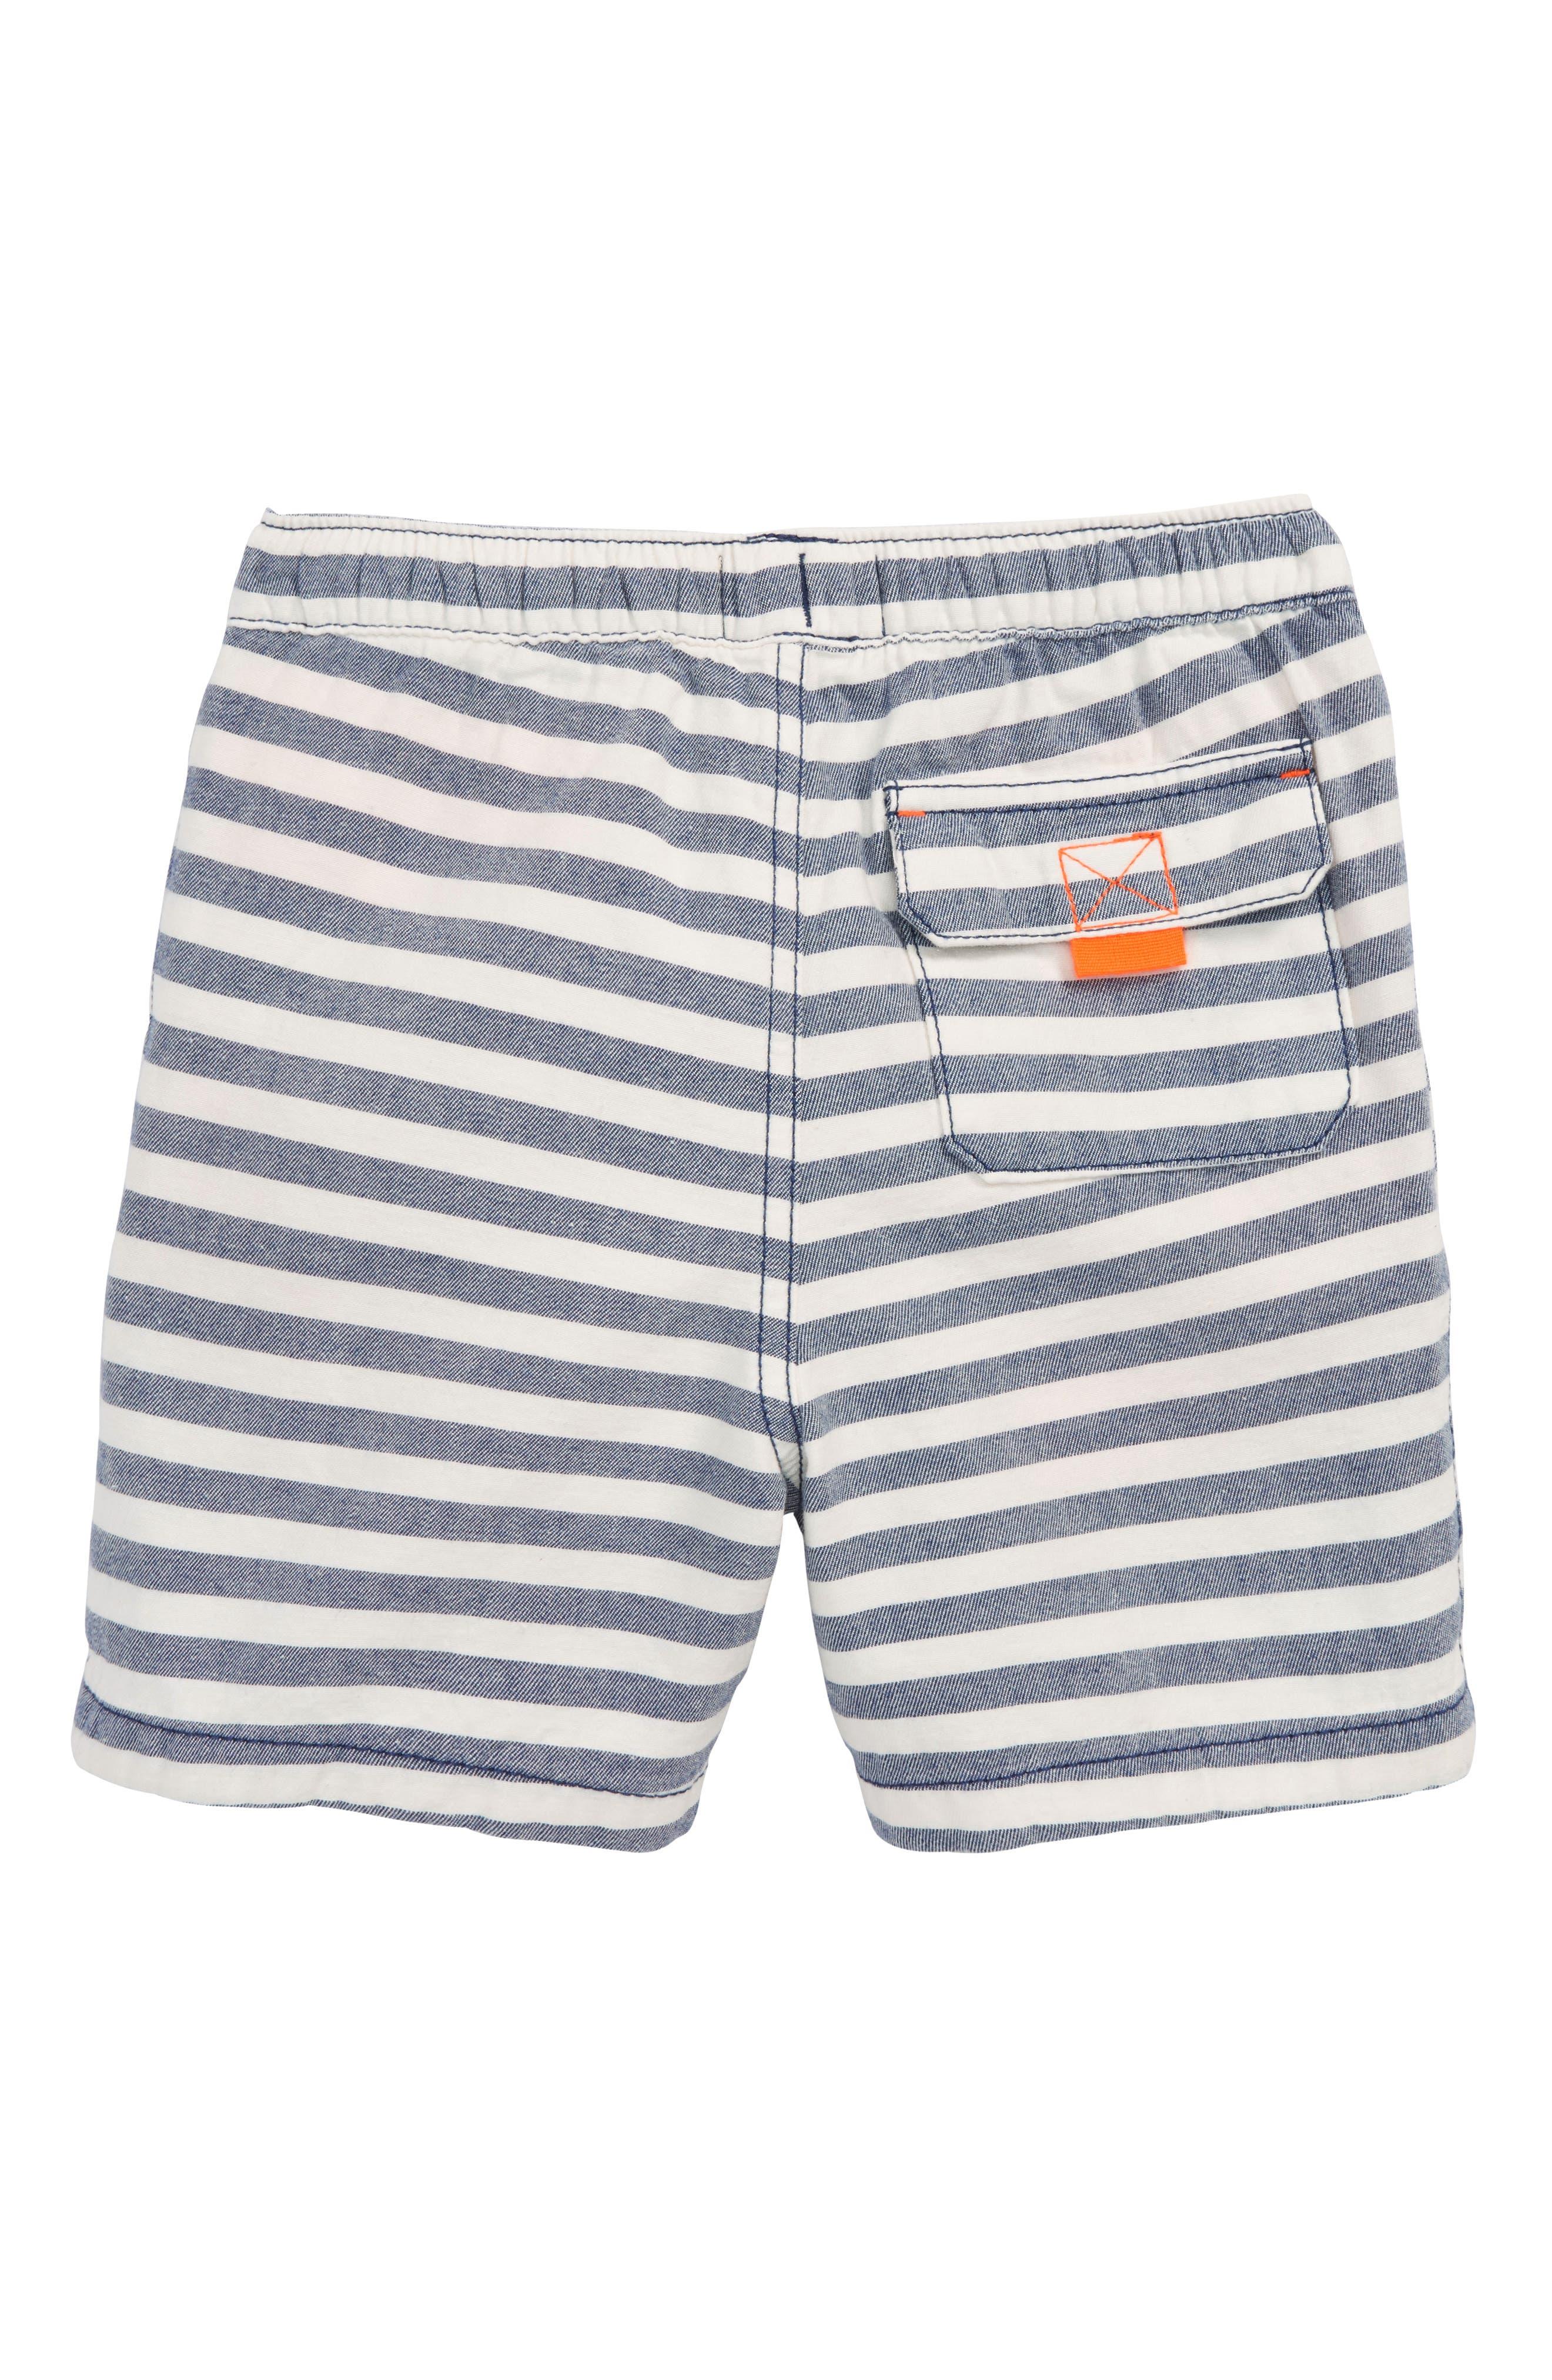 Stripe Drawstring Shorts,                             Alternate thumbnail 2, color,                             414